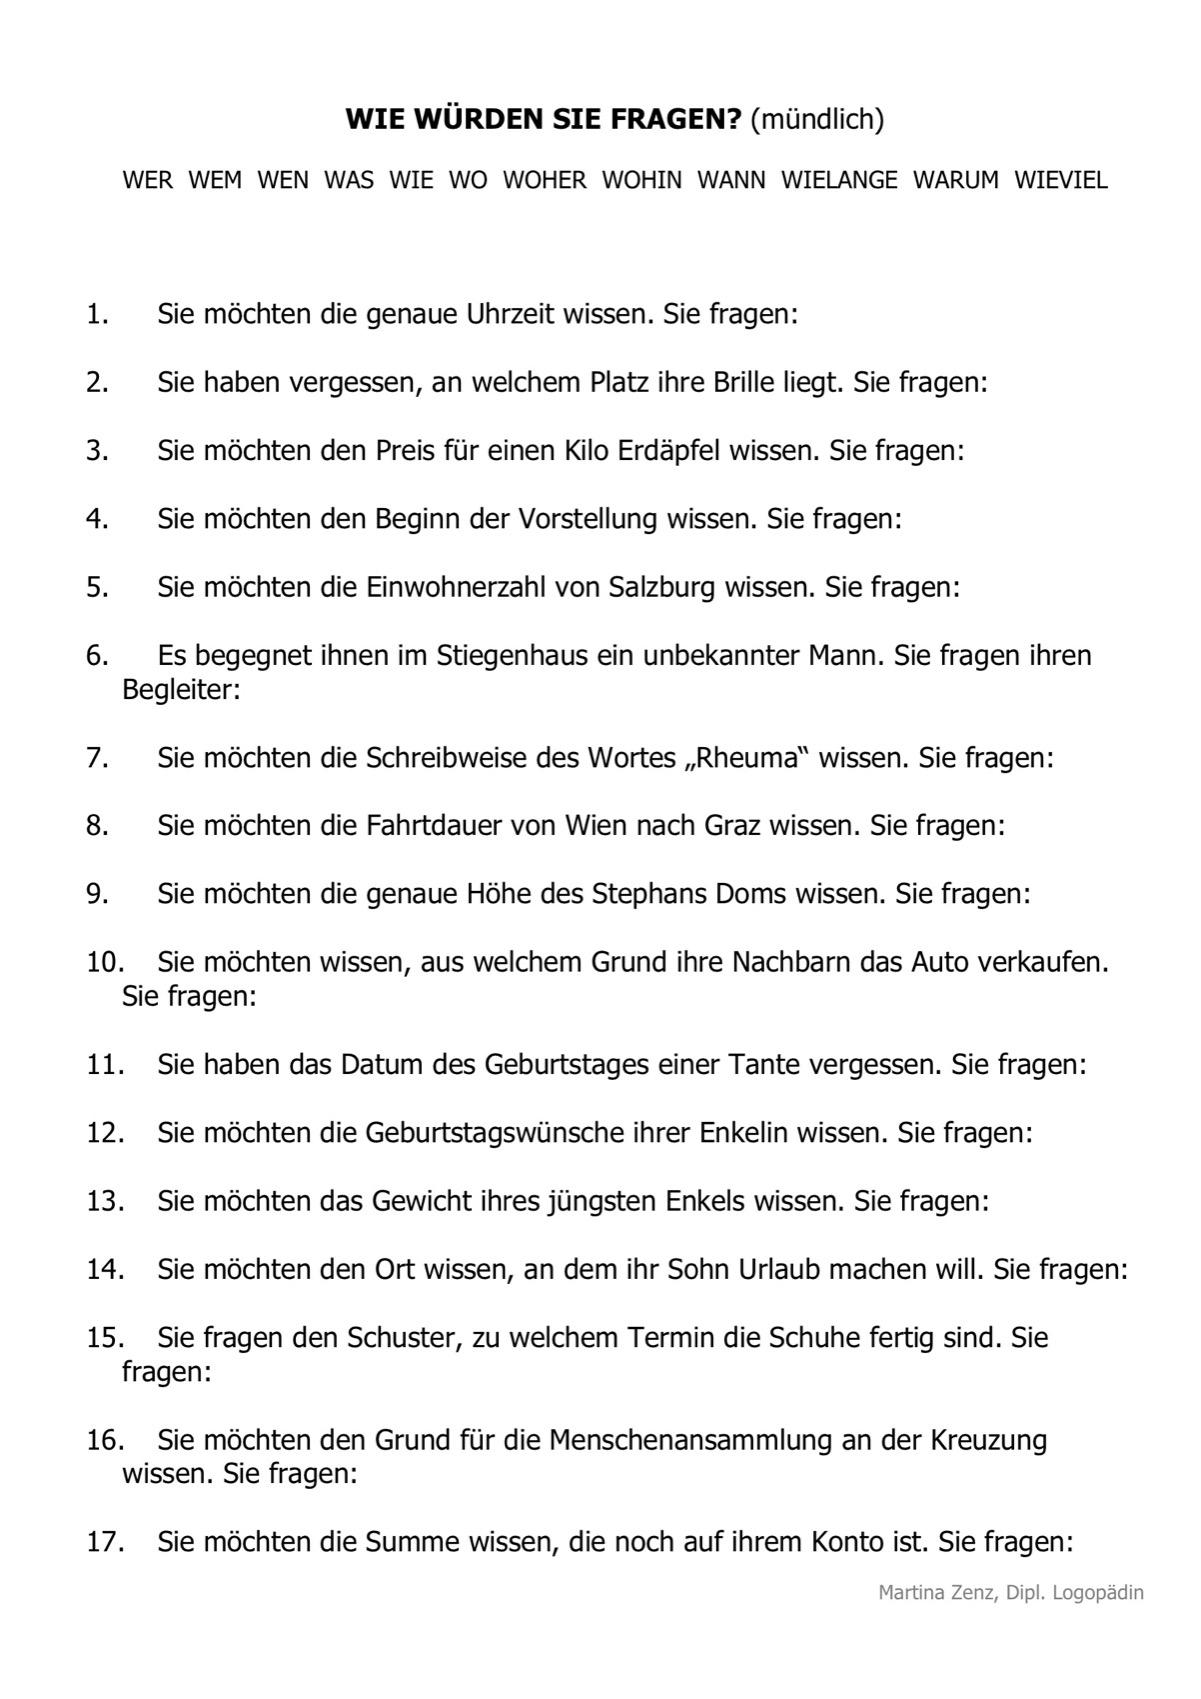 Therapiematerial zum Thema Fragen - Therapiematerial Logopädie ...